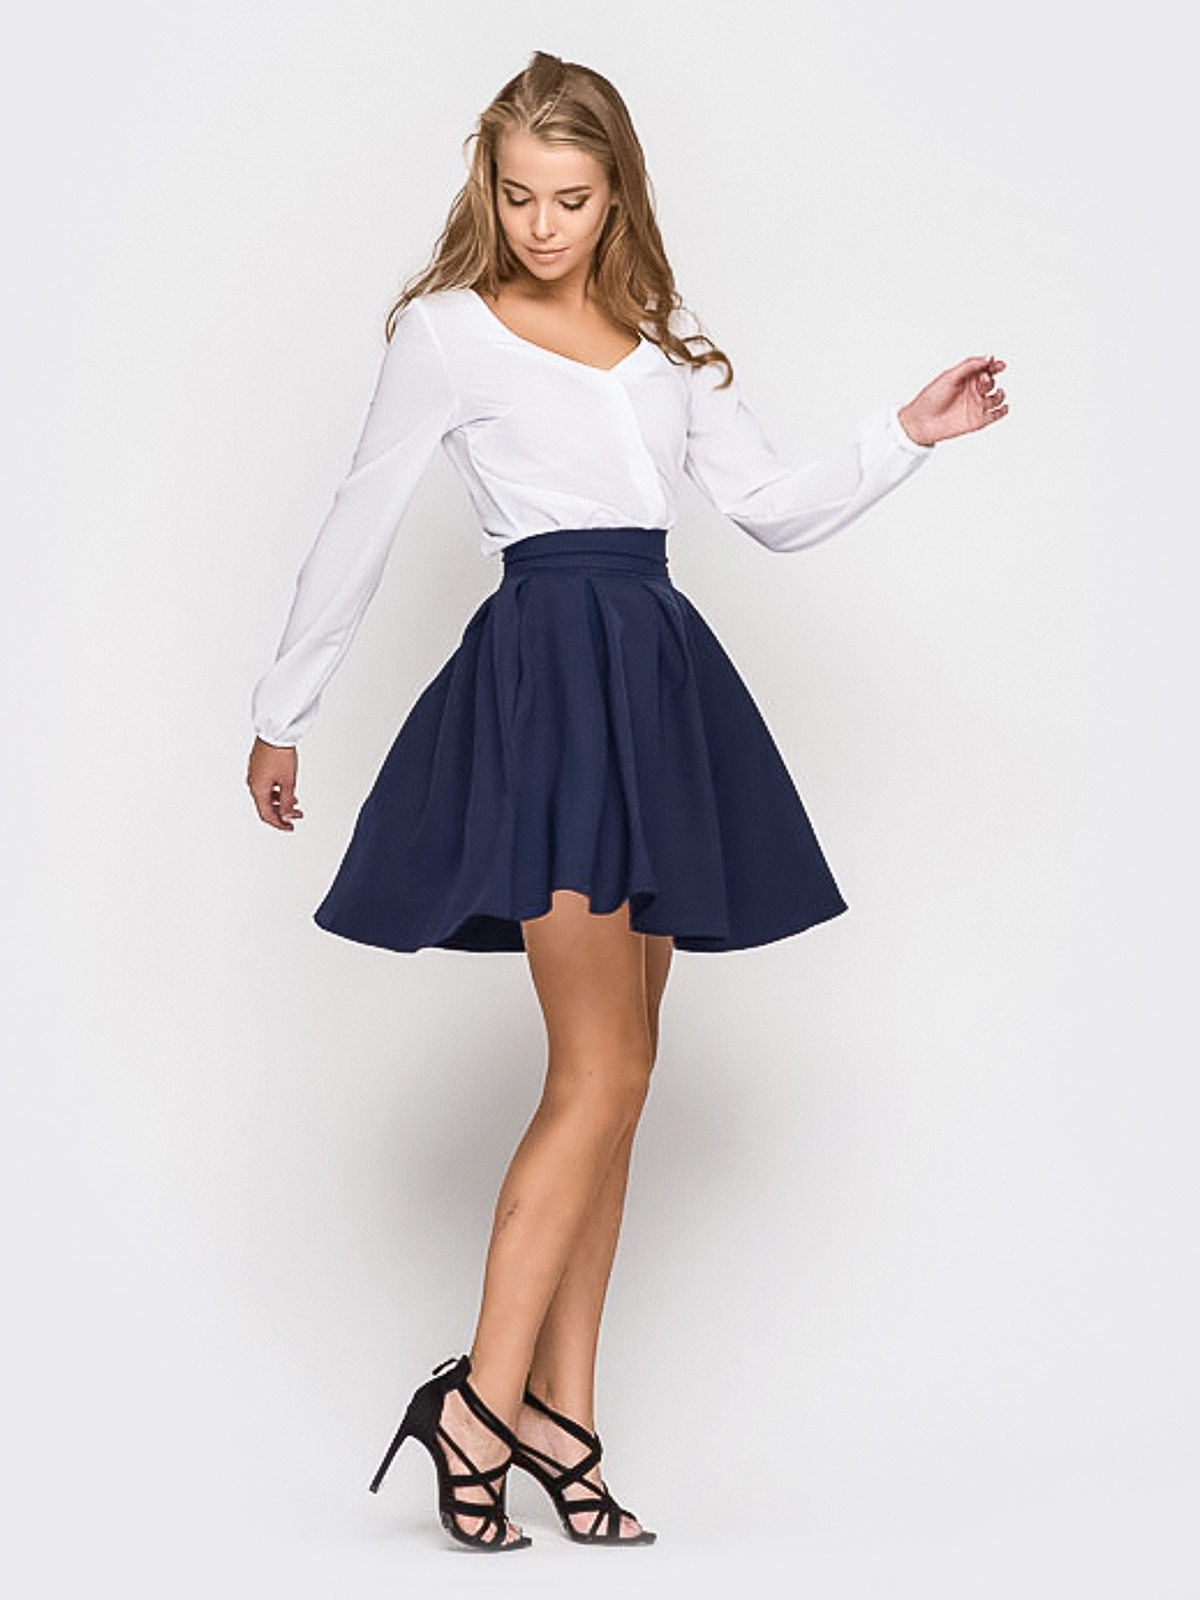 модные блузки весна лето 2019 фото: с длинным рукавом белая